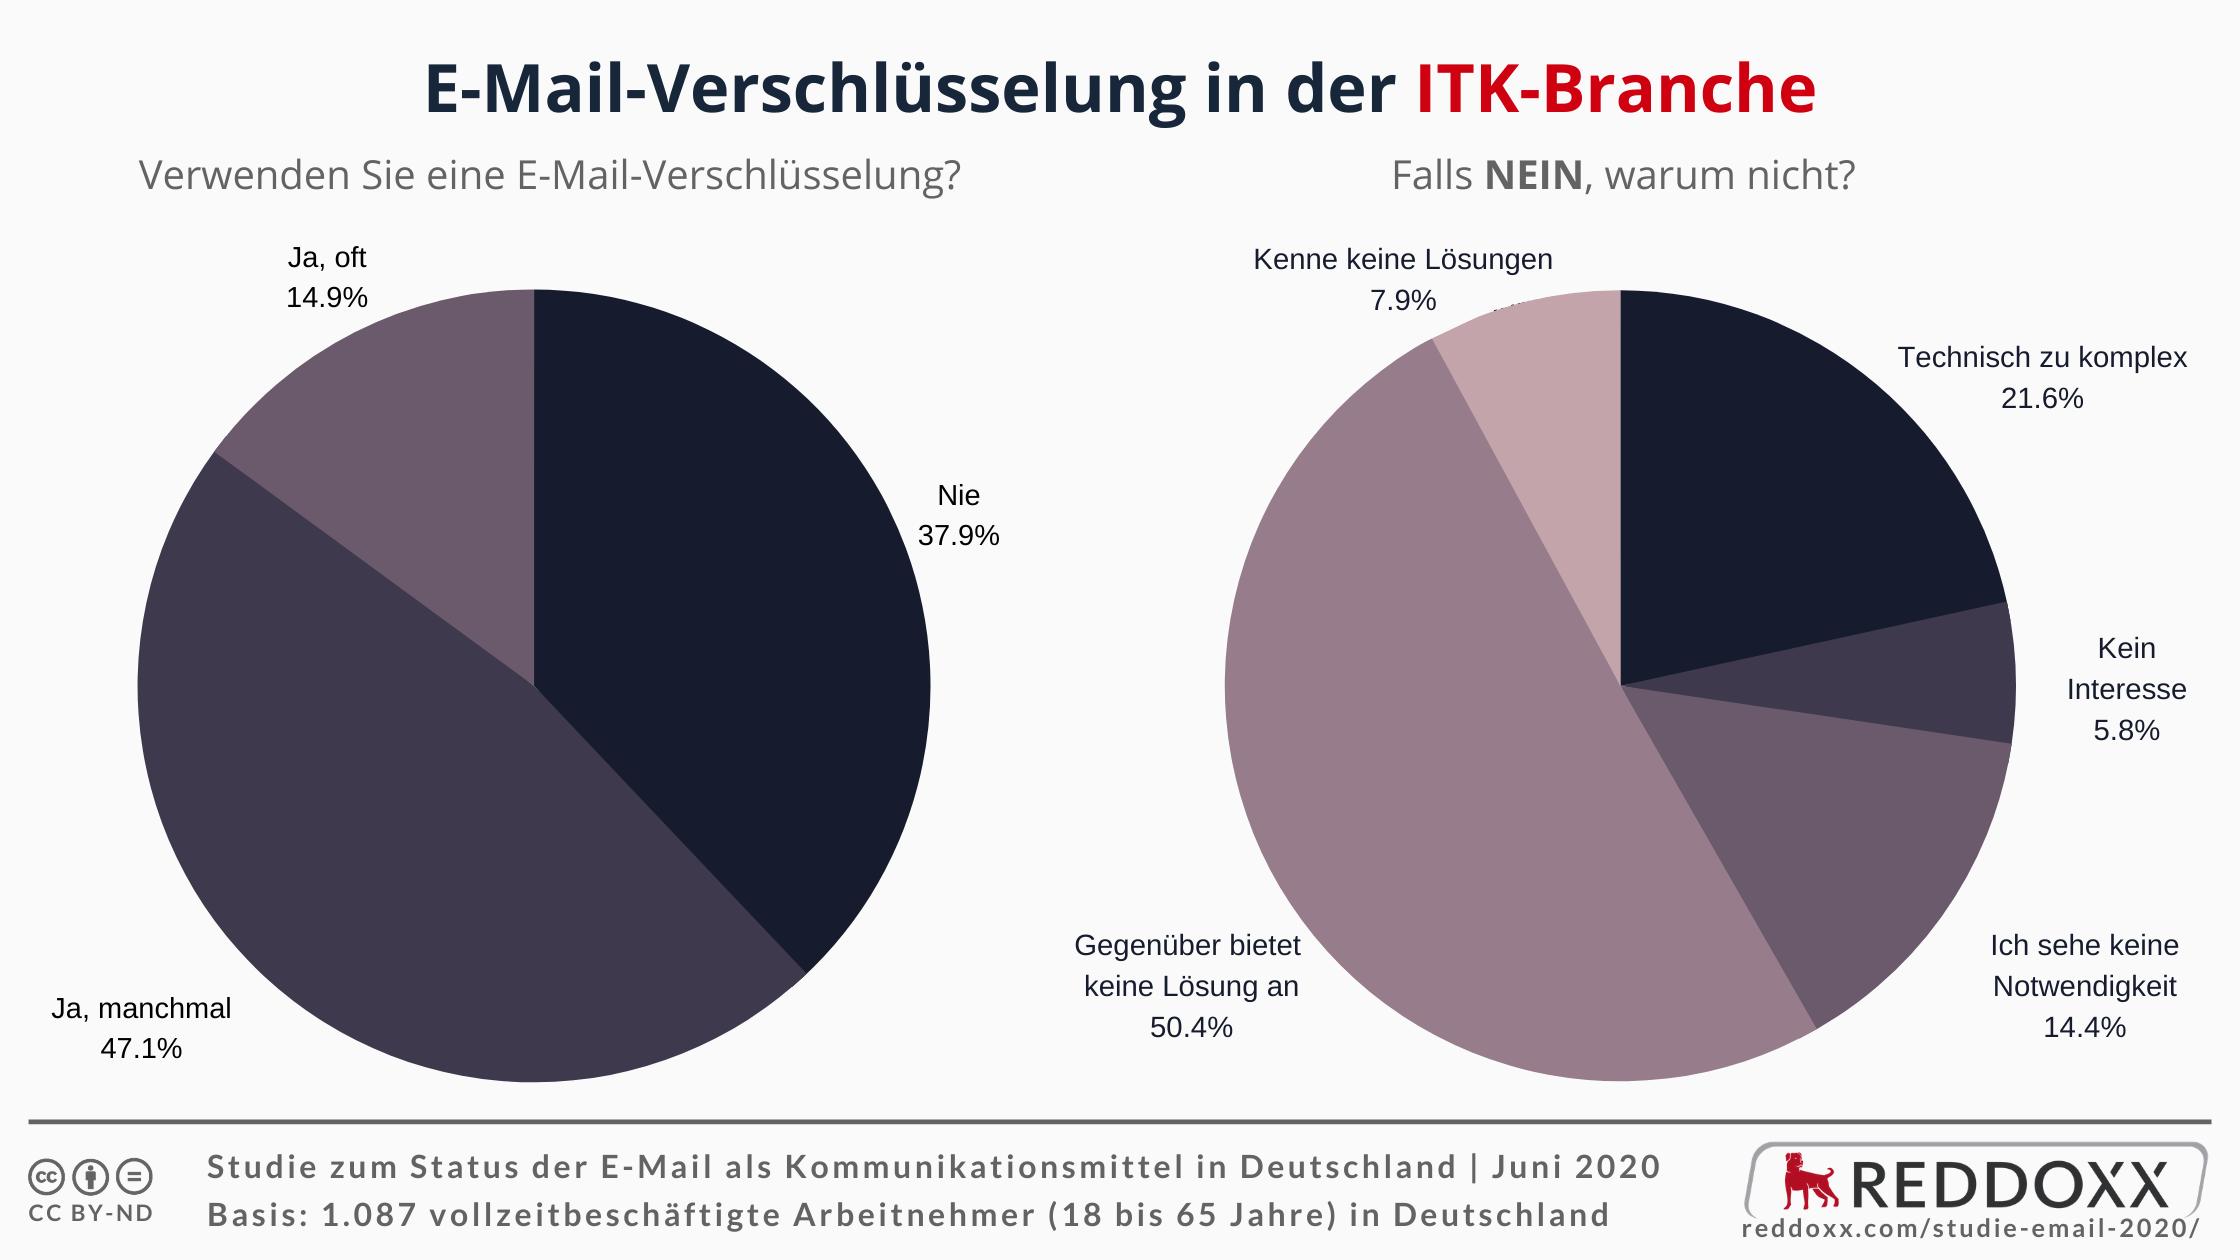 E-Mail-Verschlüsselung in der ITK-Branche - NEIN